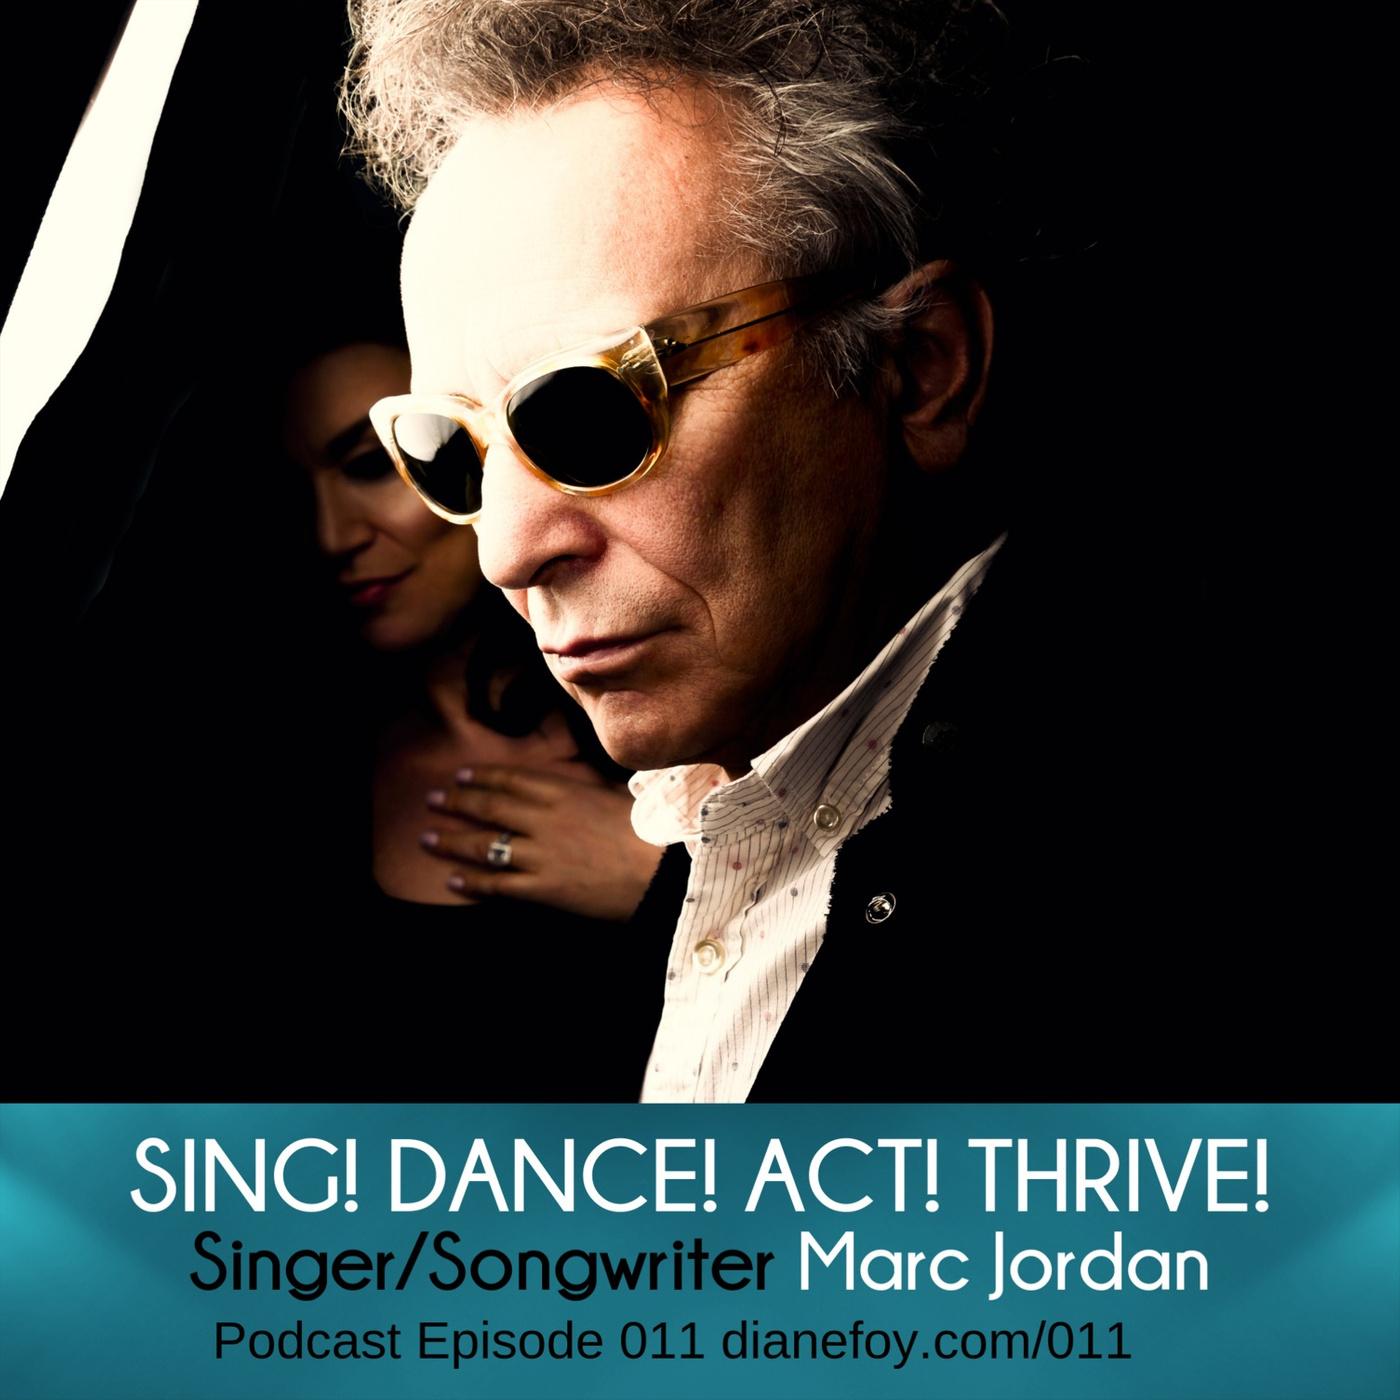 Marc Jordan, Singer/Songwriter